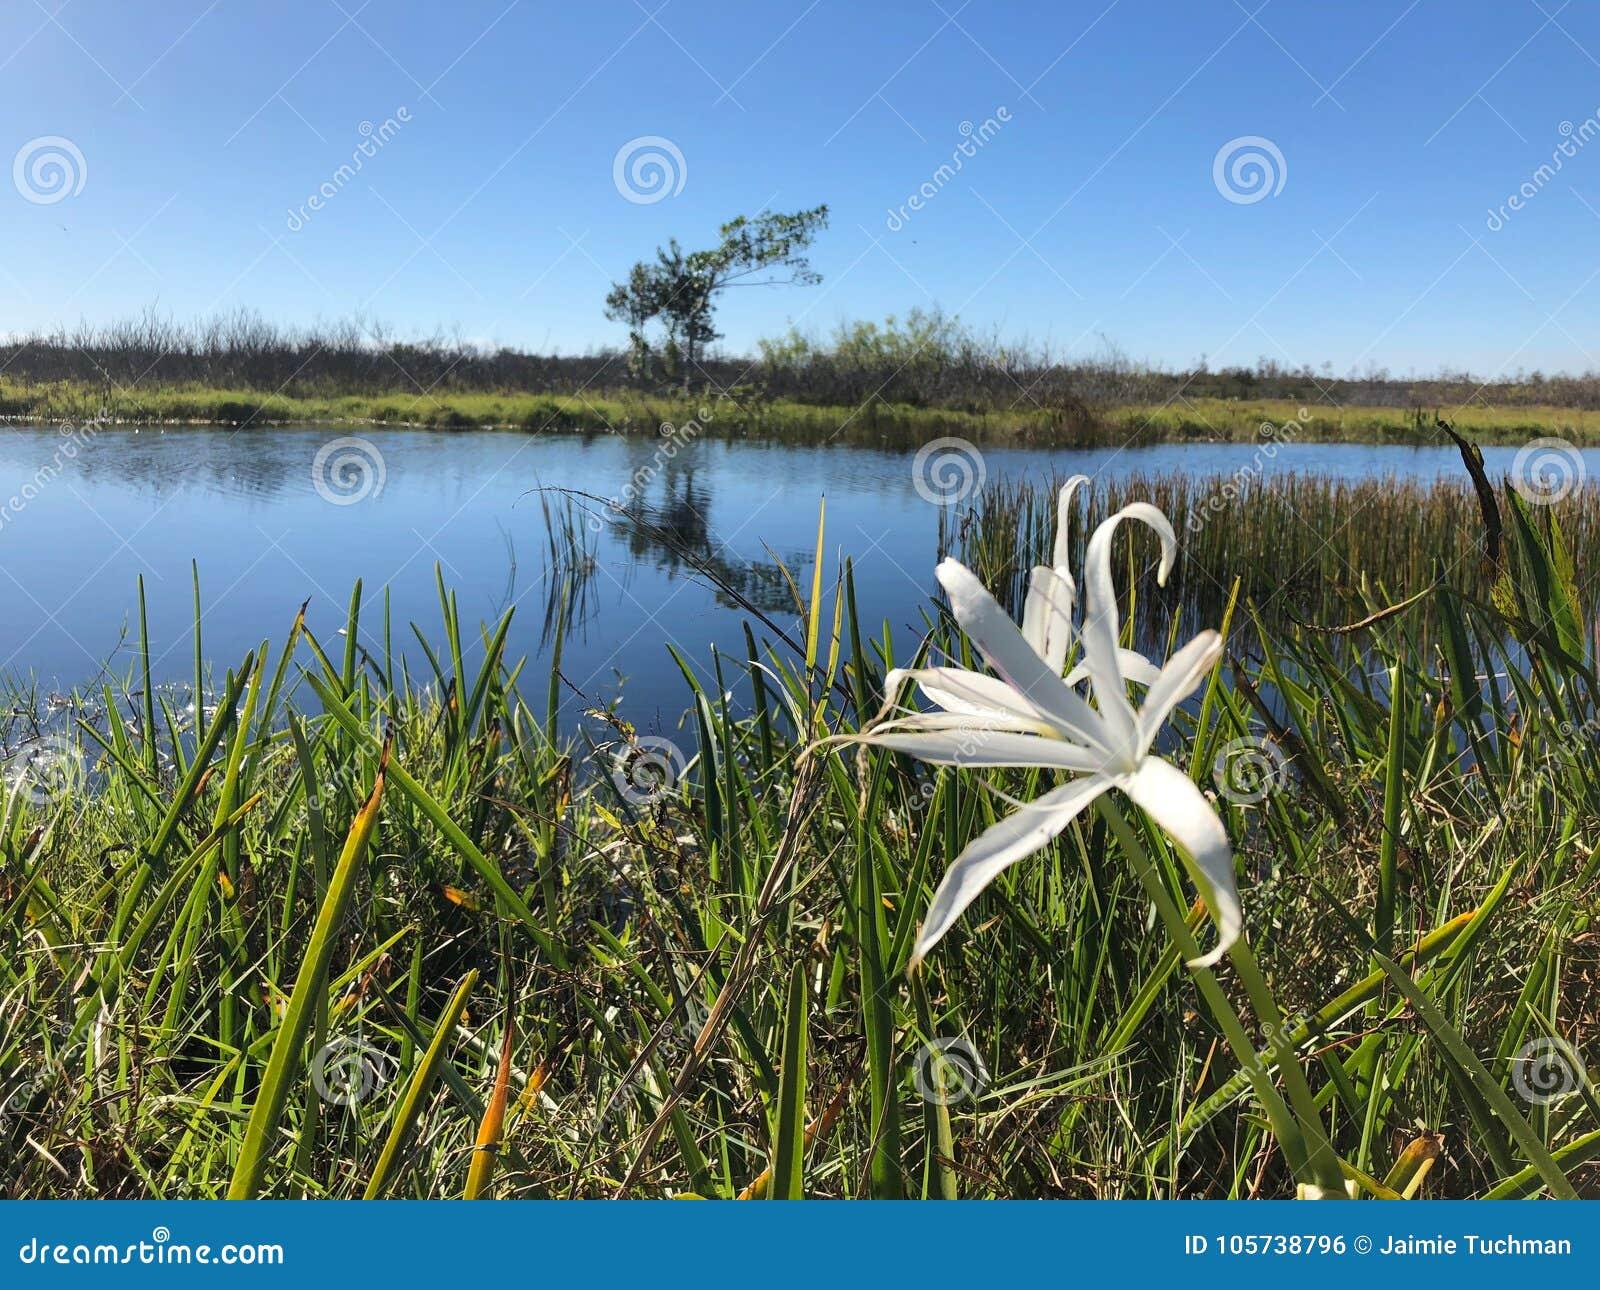 Carolina swamp